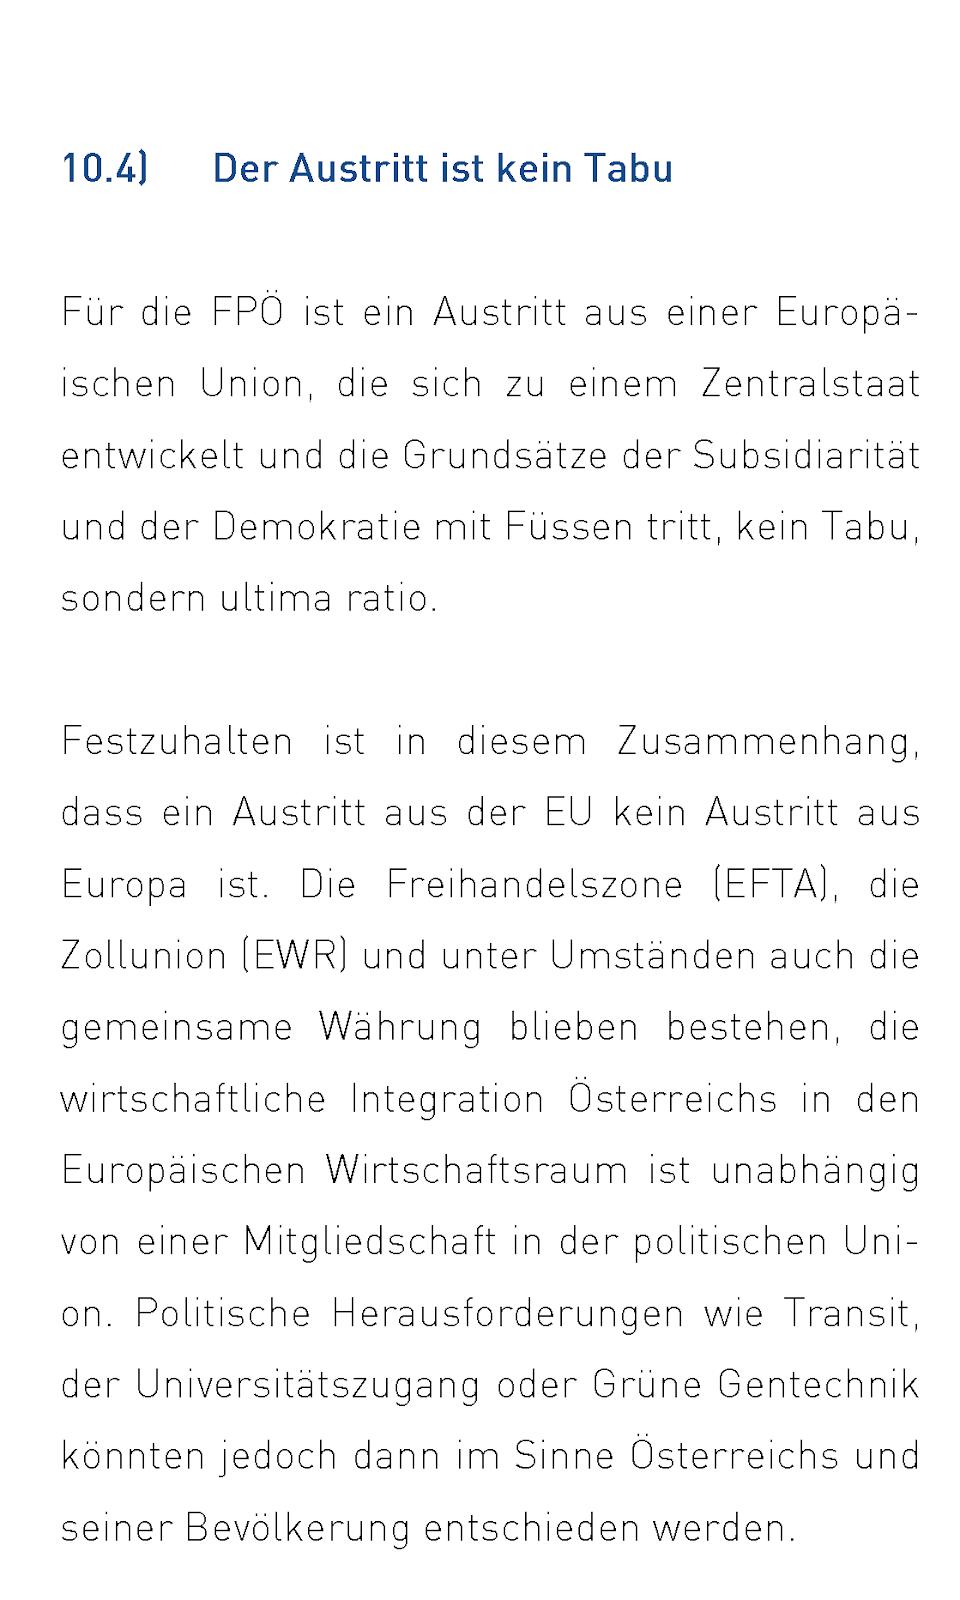 Handbuch_freiheitlicher_Politik_WEB_Seite_278.png